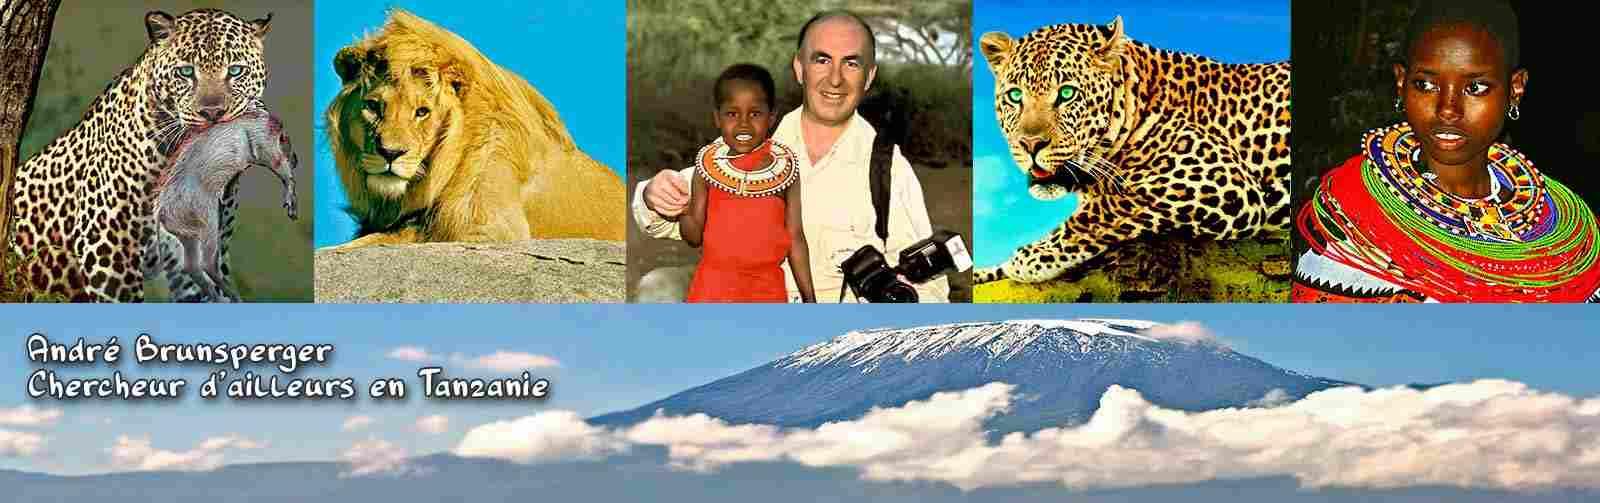 photos de Tanzanie André Brunsperger